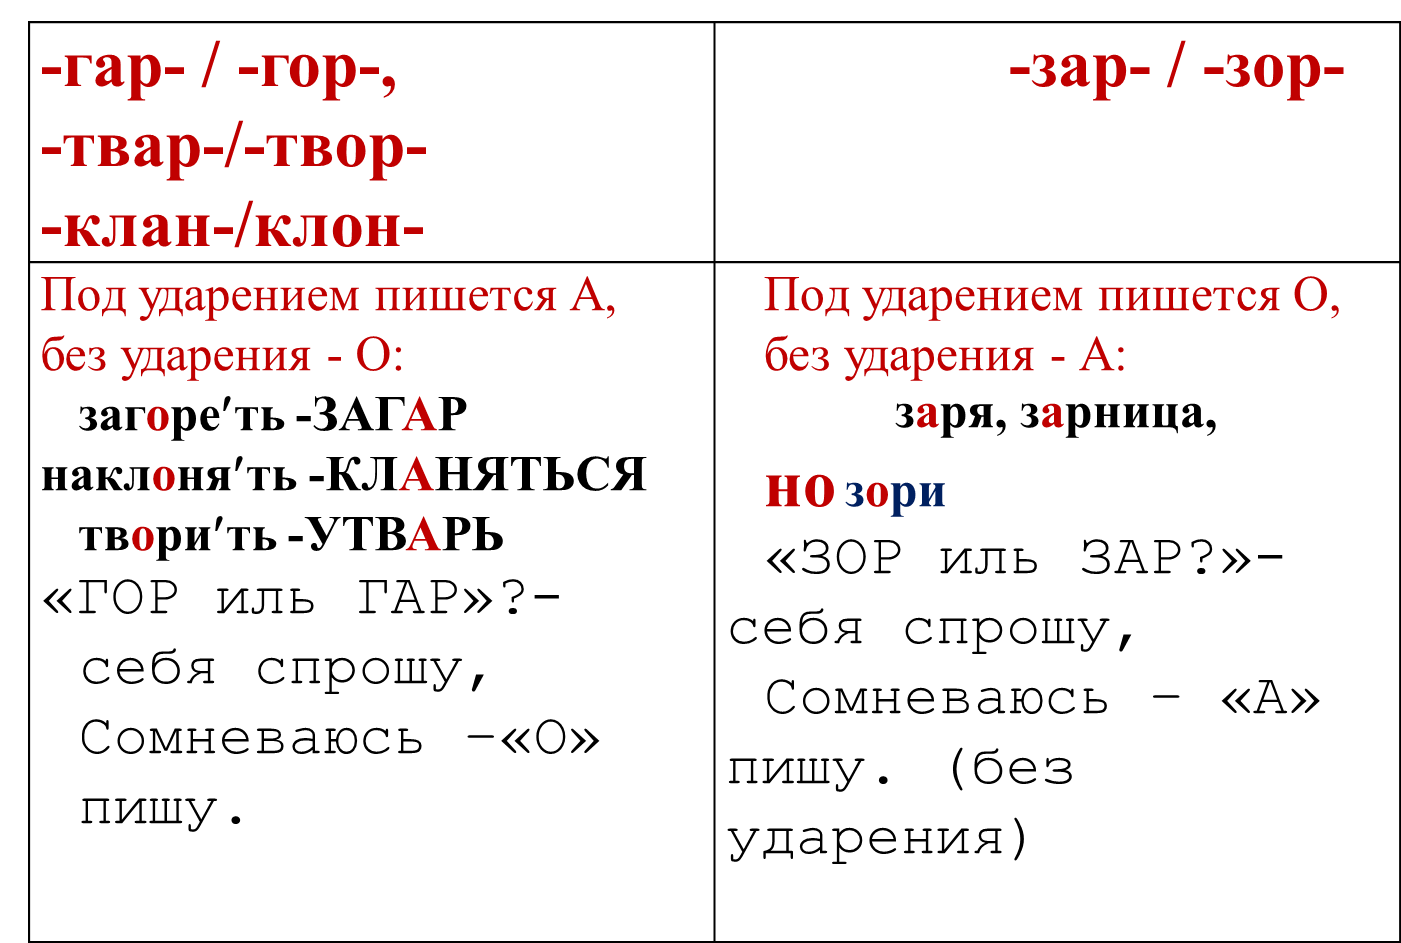 Урок русского языка в 6 классе корни определяемые ударением